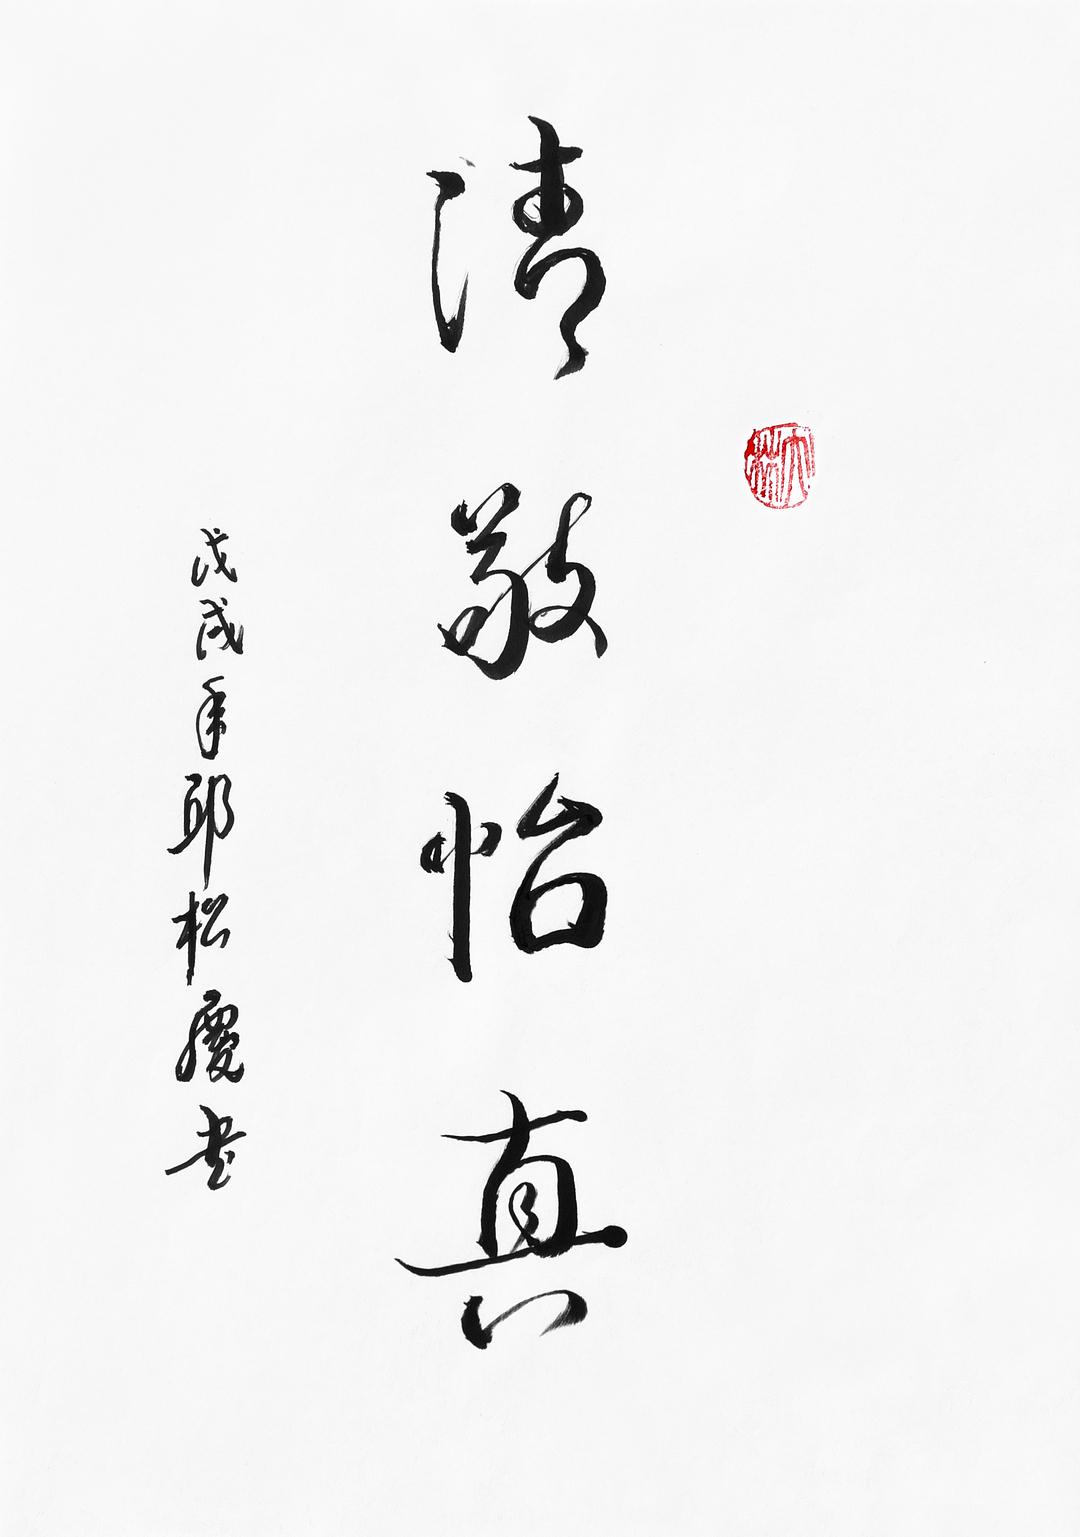 《清敬怡真》29.7x21cm 行书 纸本墨笔 2018年